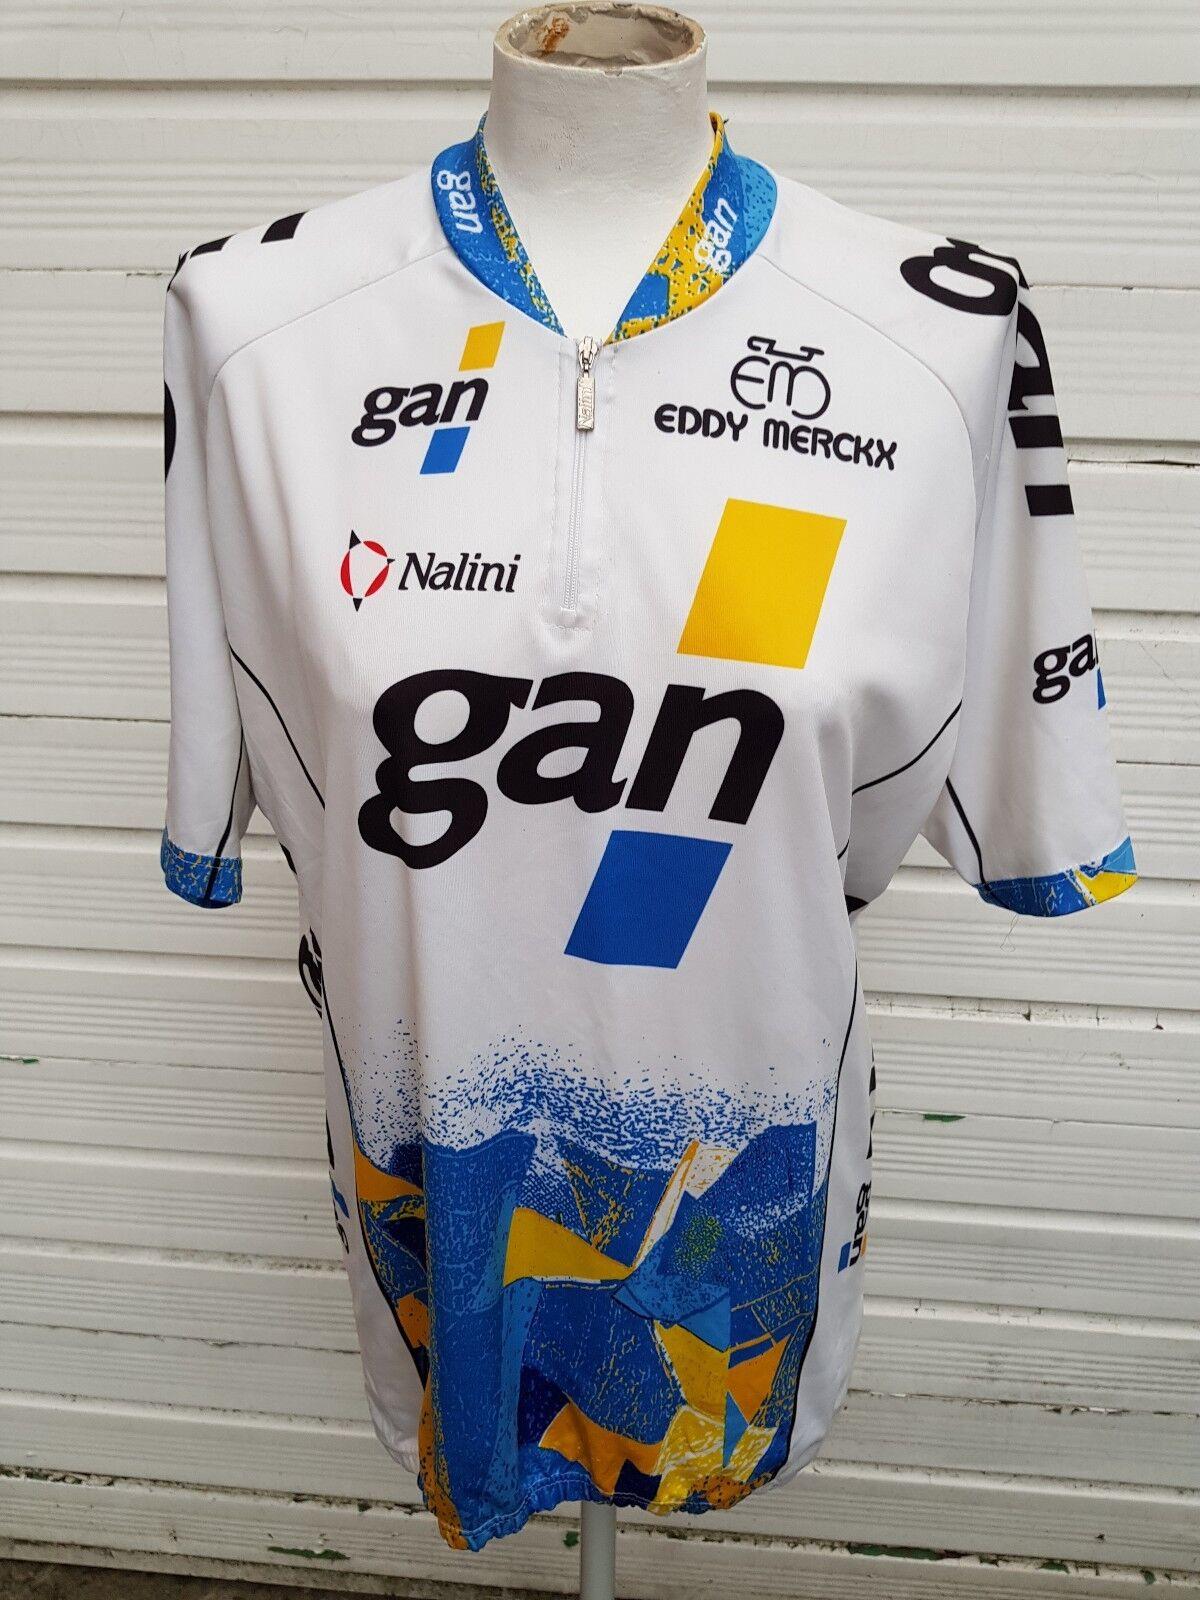 Cycling shirt shirt shirt GAN Eddy Merckx Nalini vintage cycling jersey - 6/XXL Vélo Cycle 71b71d